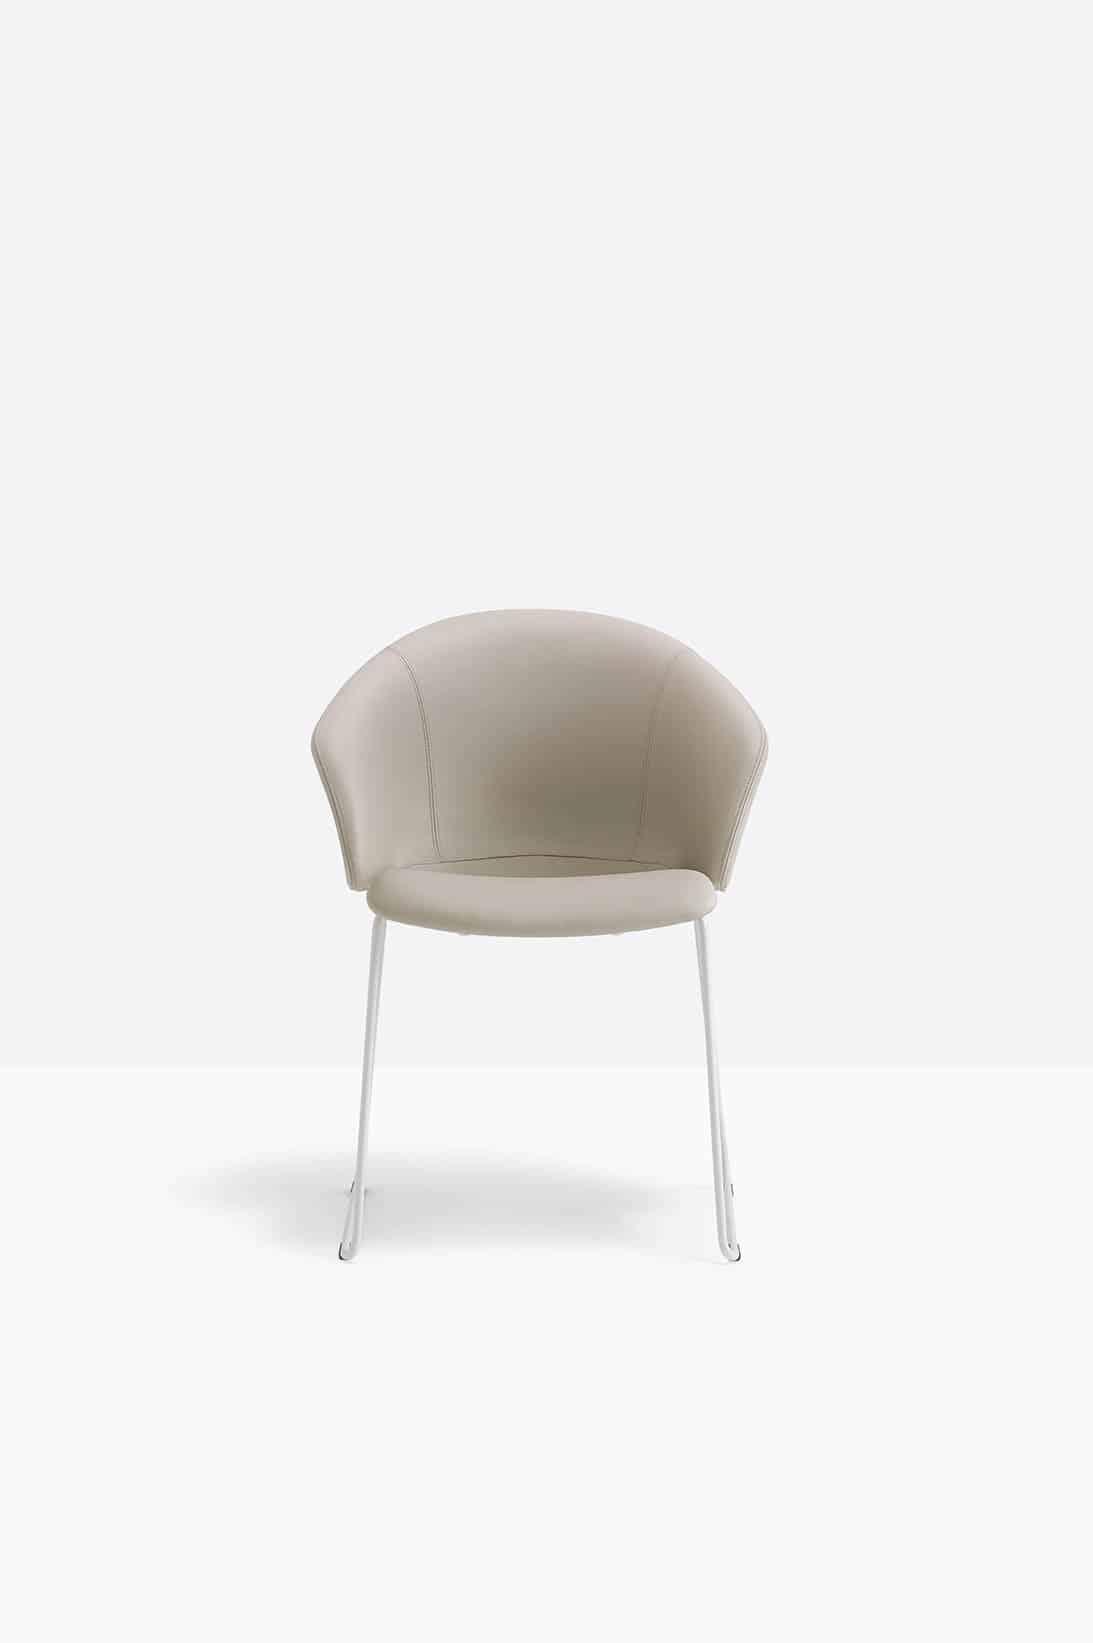 PEDRALI GRACE 413 fauteuil attente recouverte de tissu